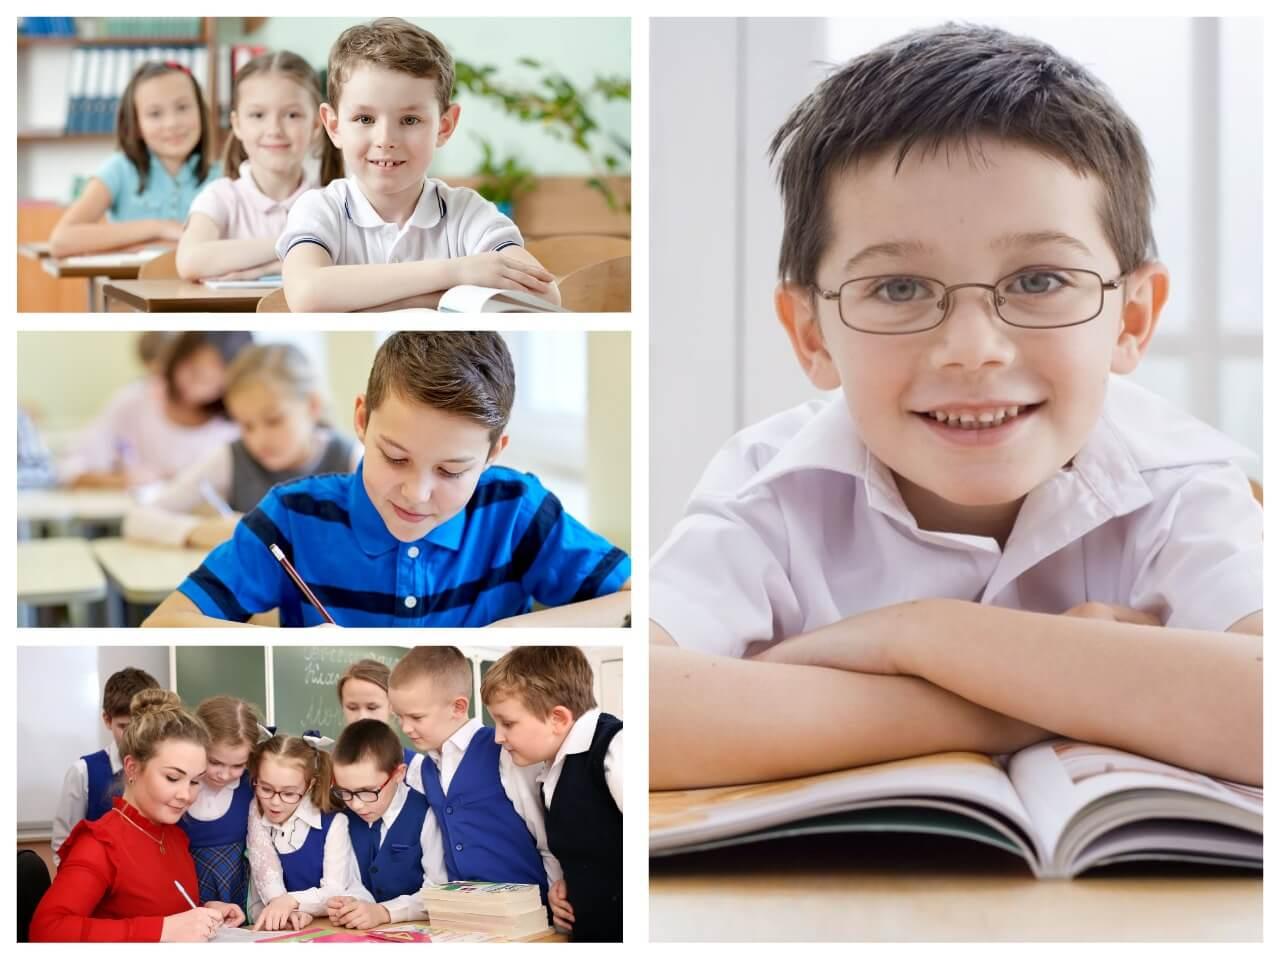 На фото изображены ученики в школе.